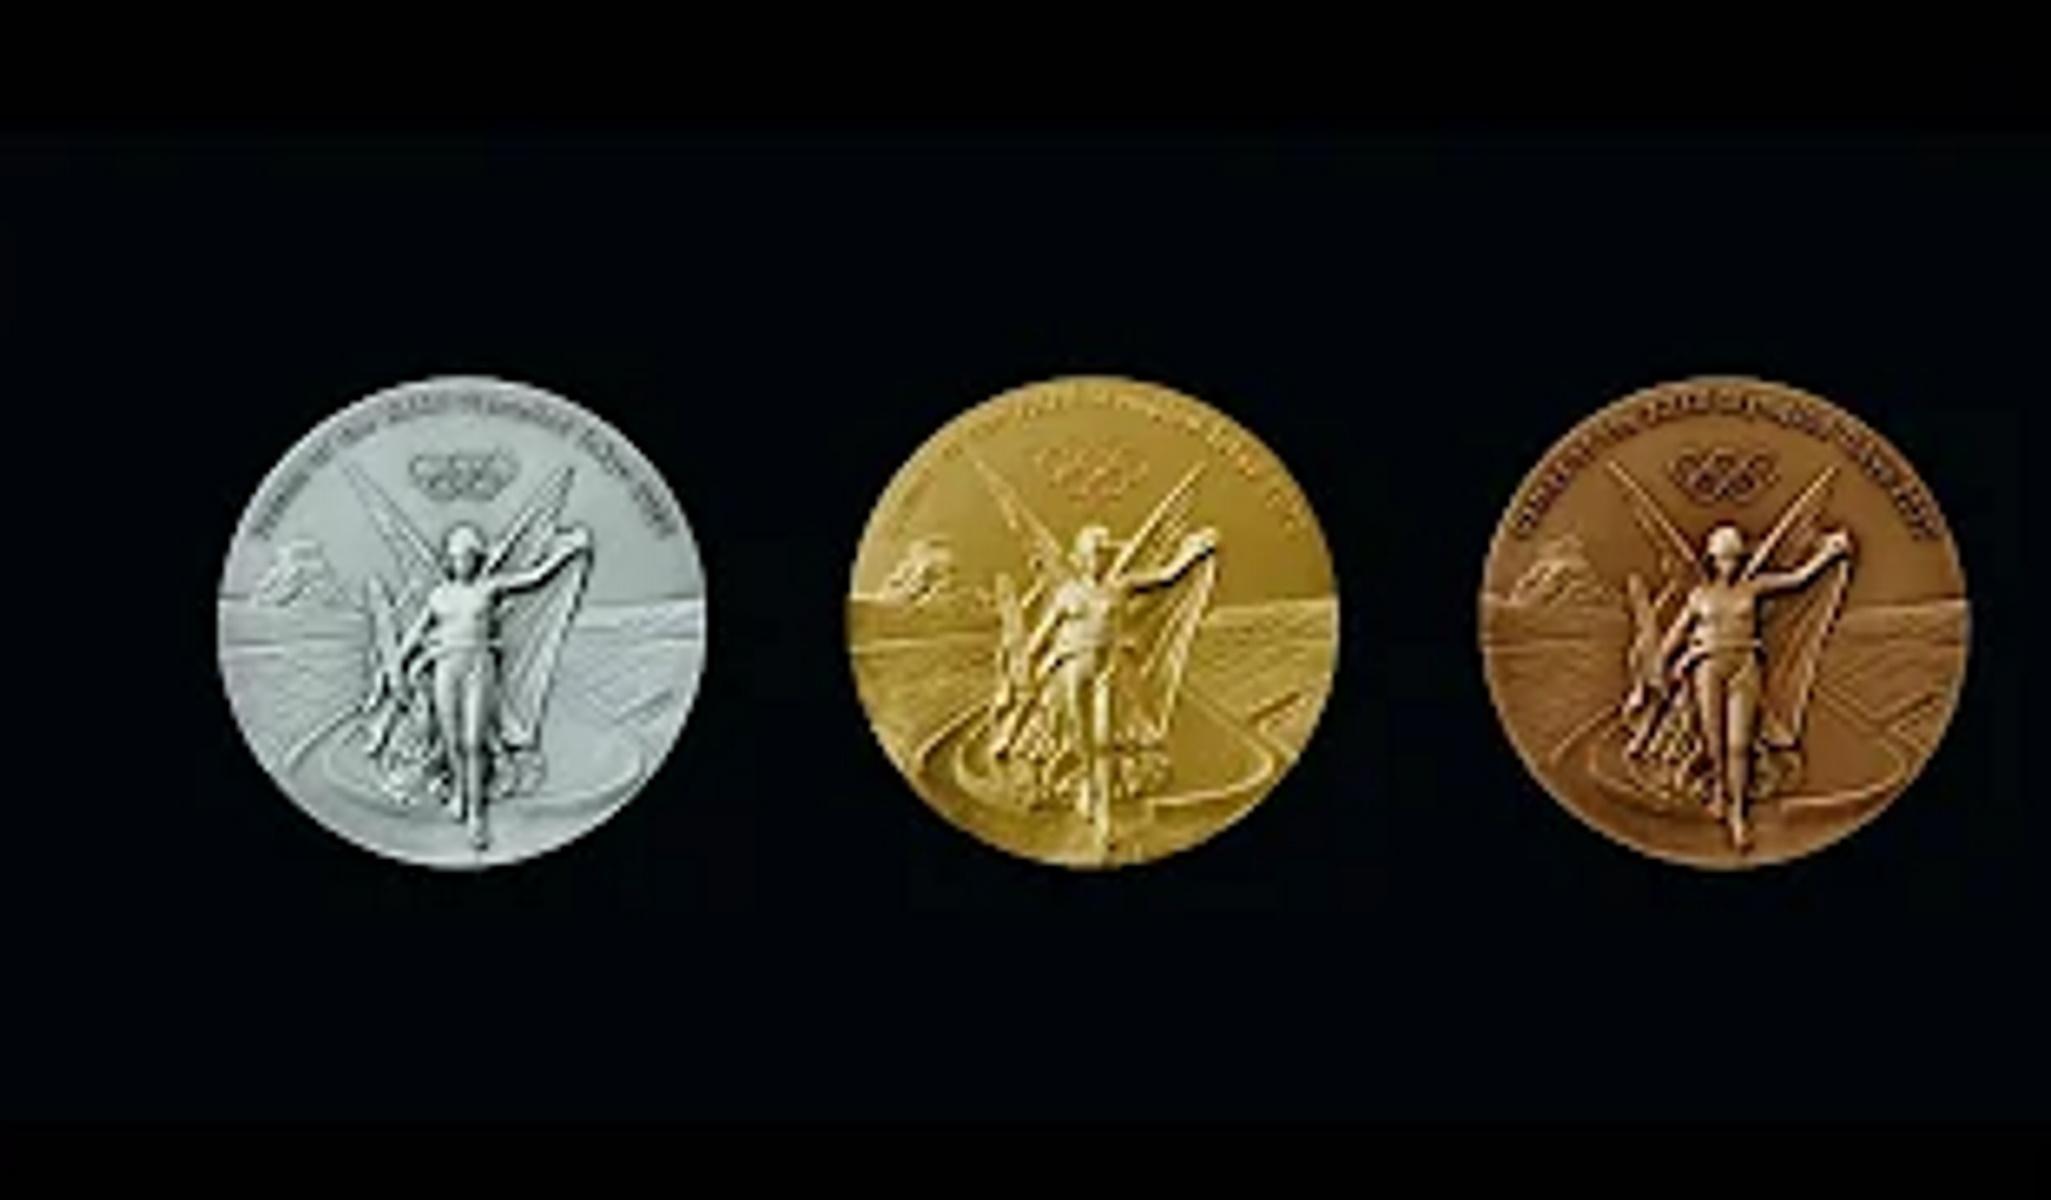 Ολυμπιακοί Αγώνες: Ο πίνακας των μεταλλίων – Πρωτιά στο νήμα για ΗΠΑ, 36η η Ελλάδα